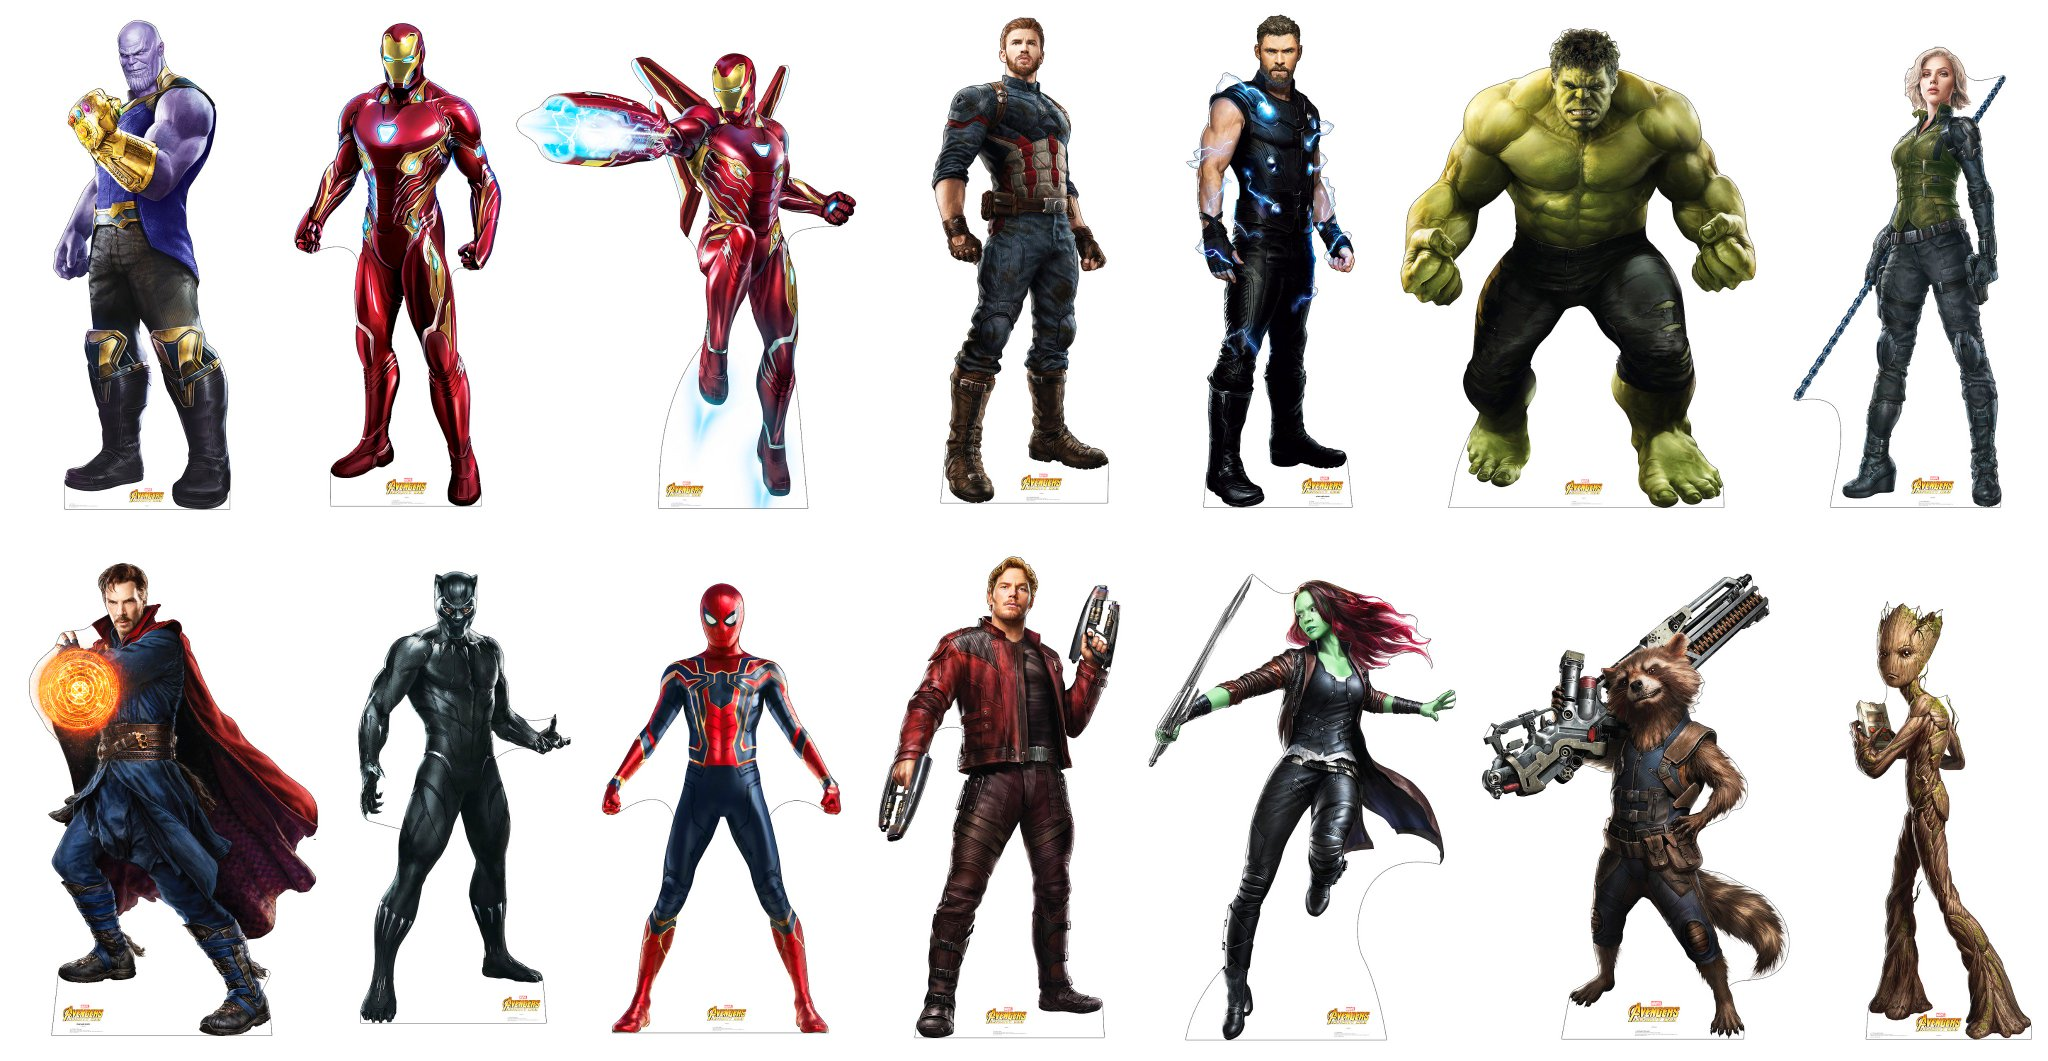 фото всех супергероев по отдельности находит школу